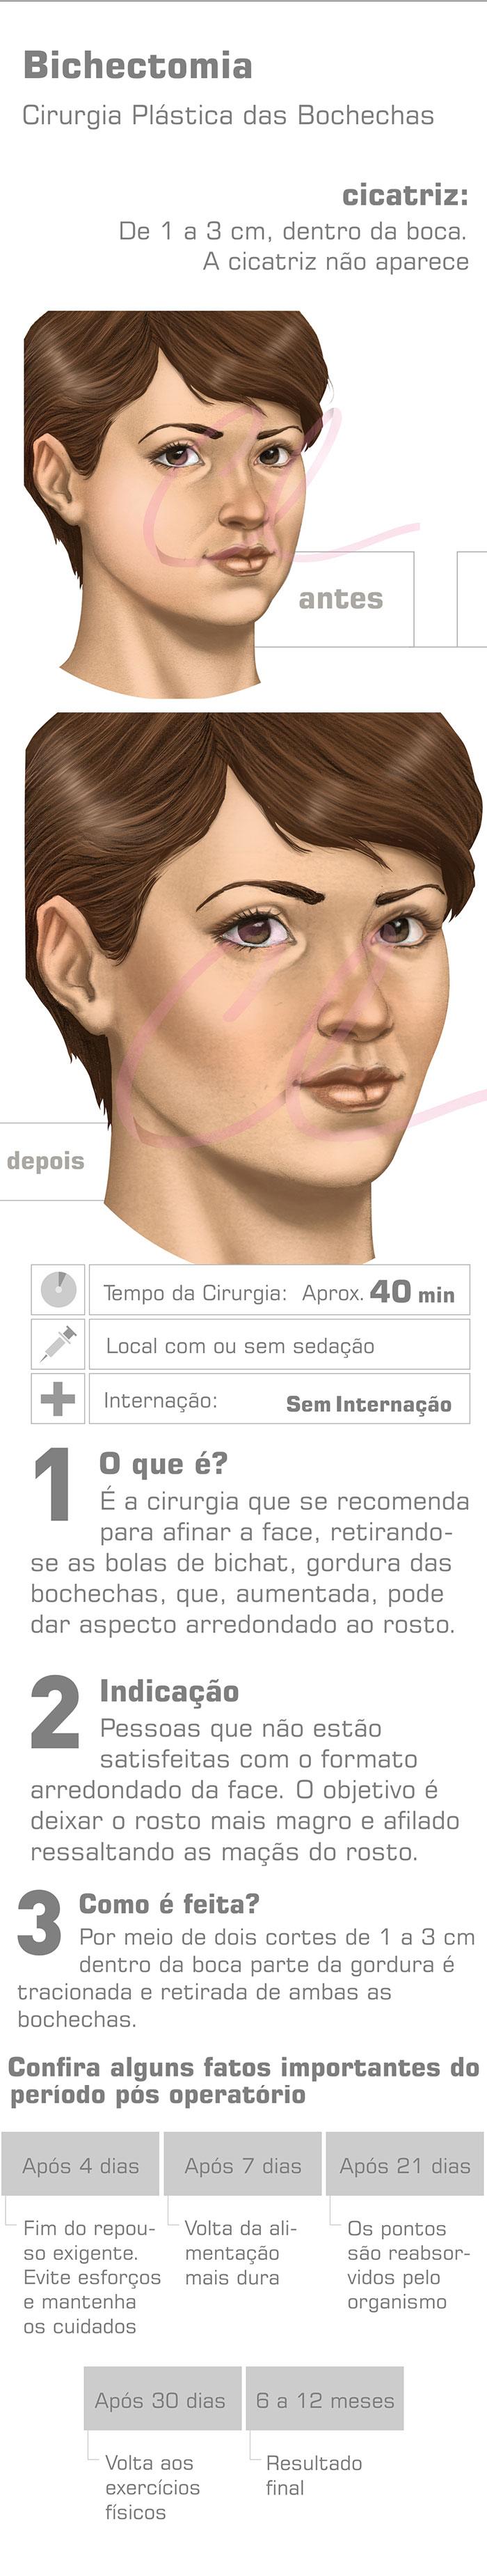 Cirurgia de Bichectomia